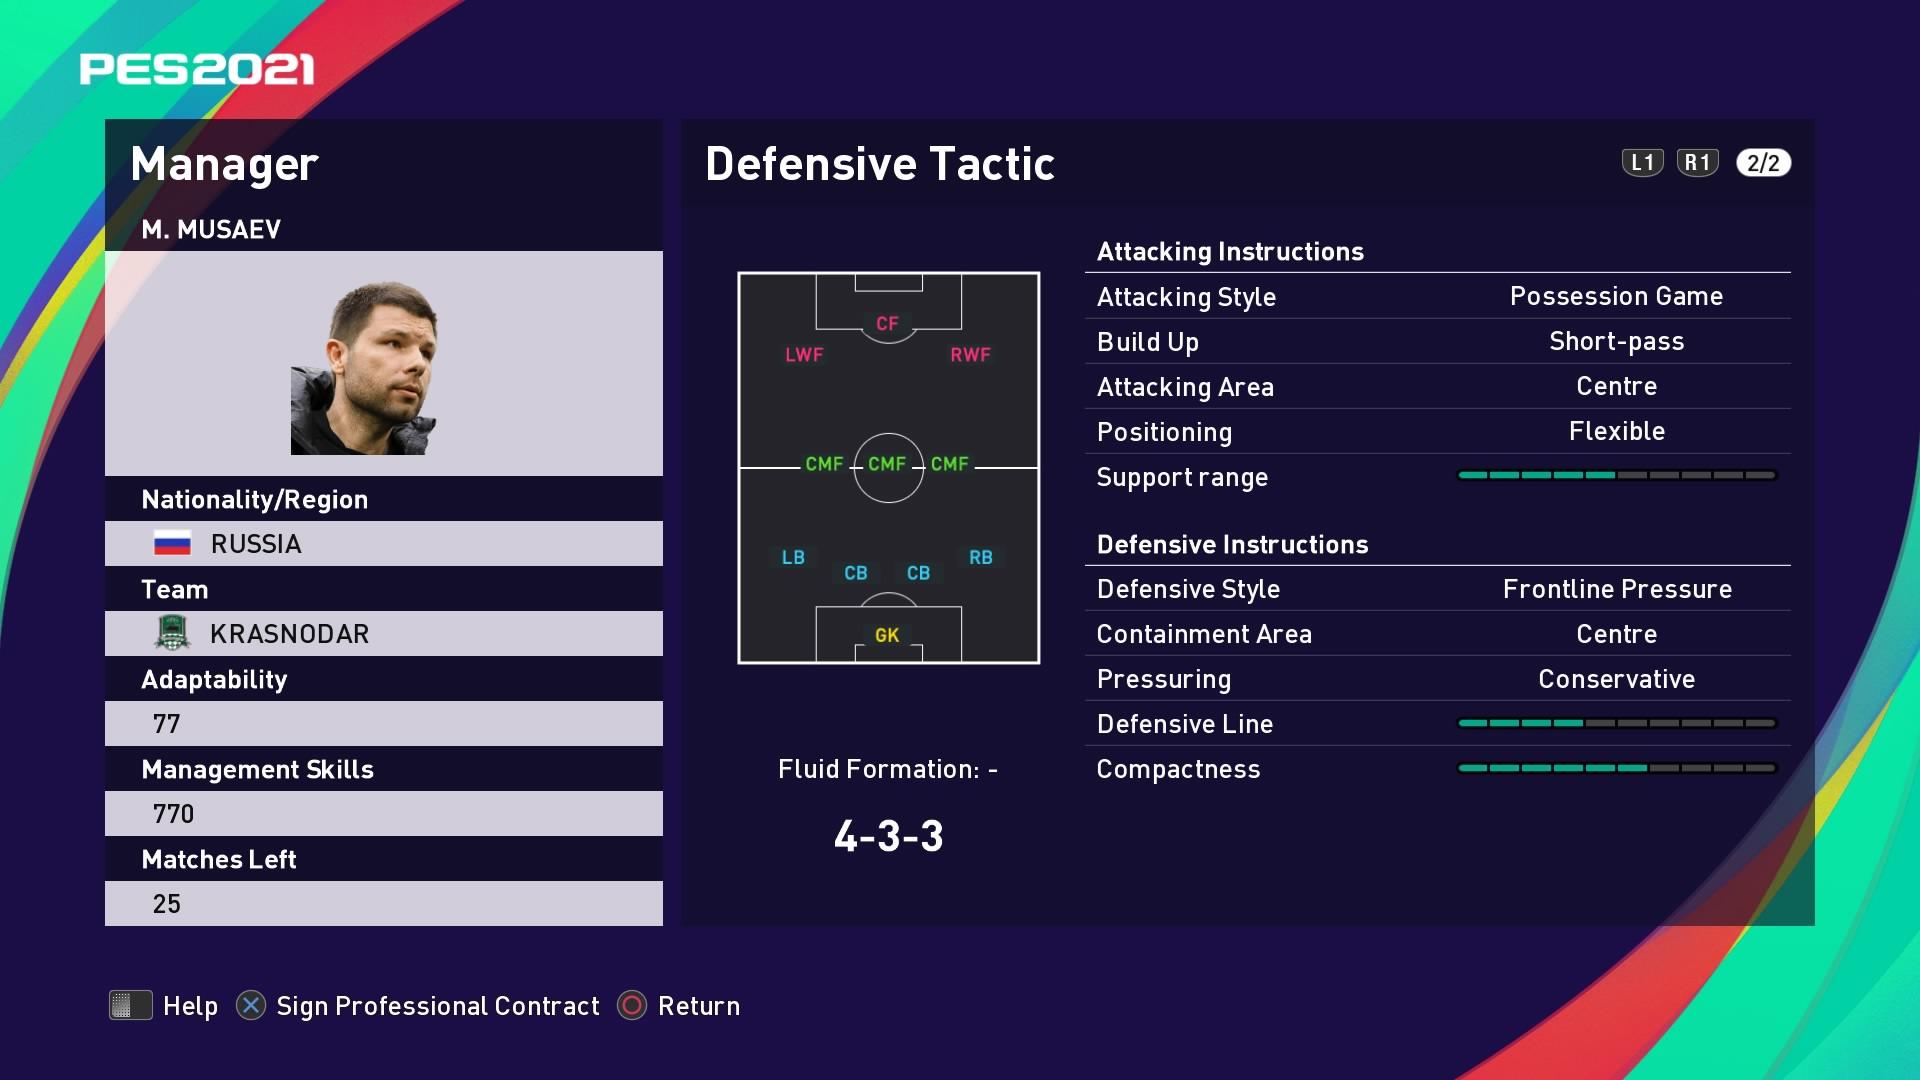 M. Musaev (2) (Murad Musayev) Defensive Tactic in PES 2021 myClub